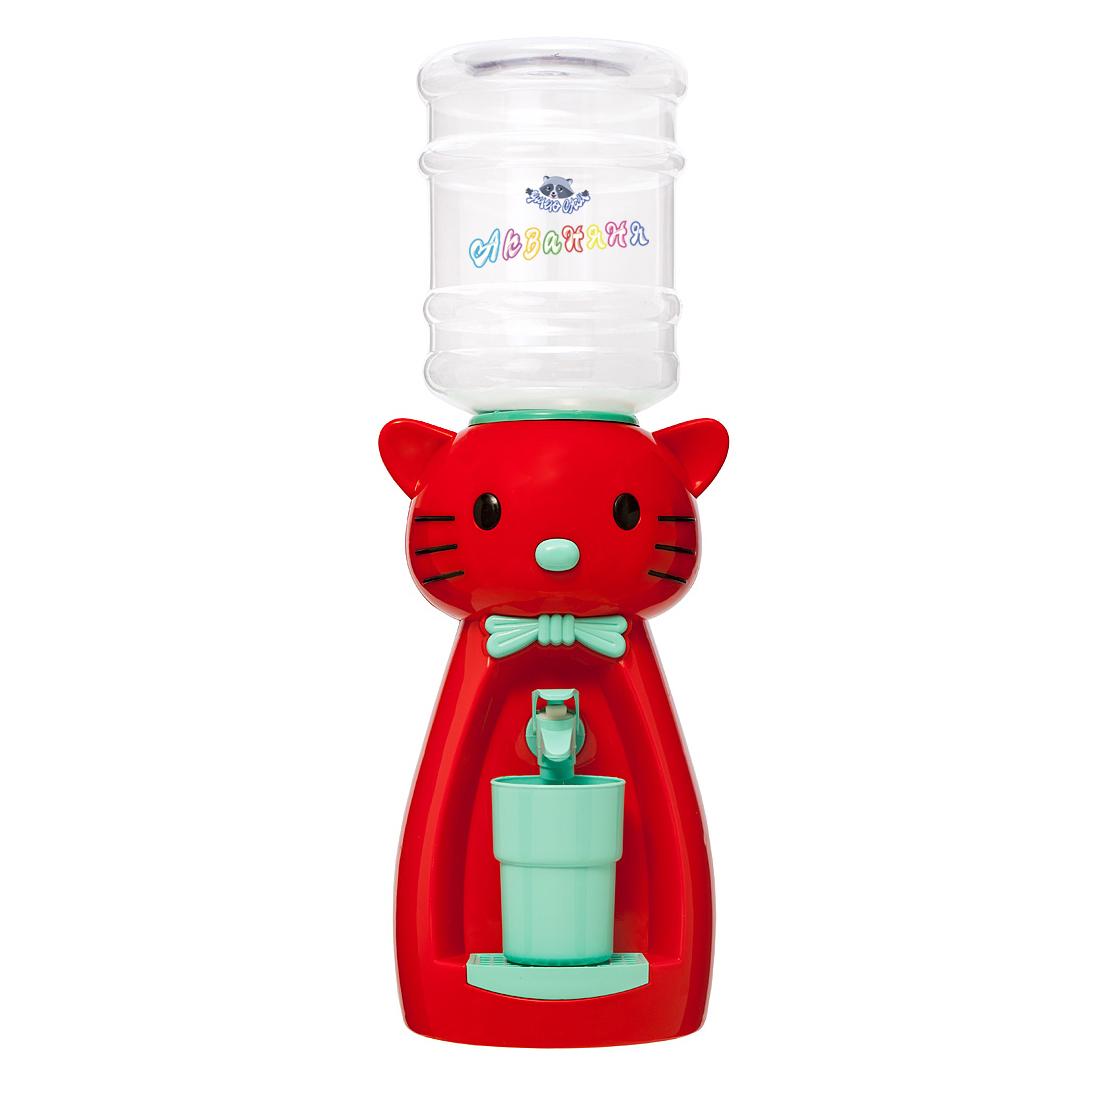 2_3 Детский кулер АкваНяня Красная кошка с бирюзой